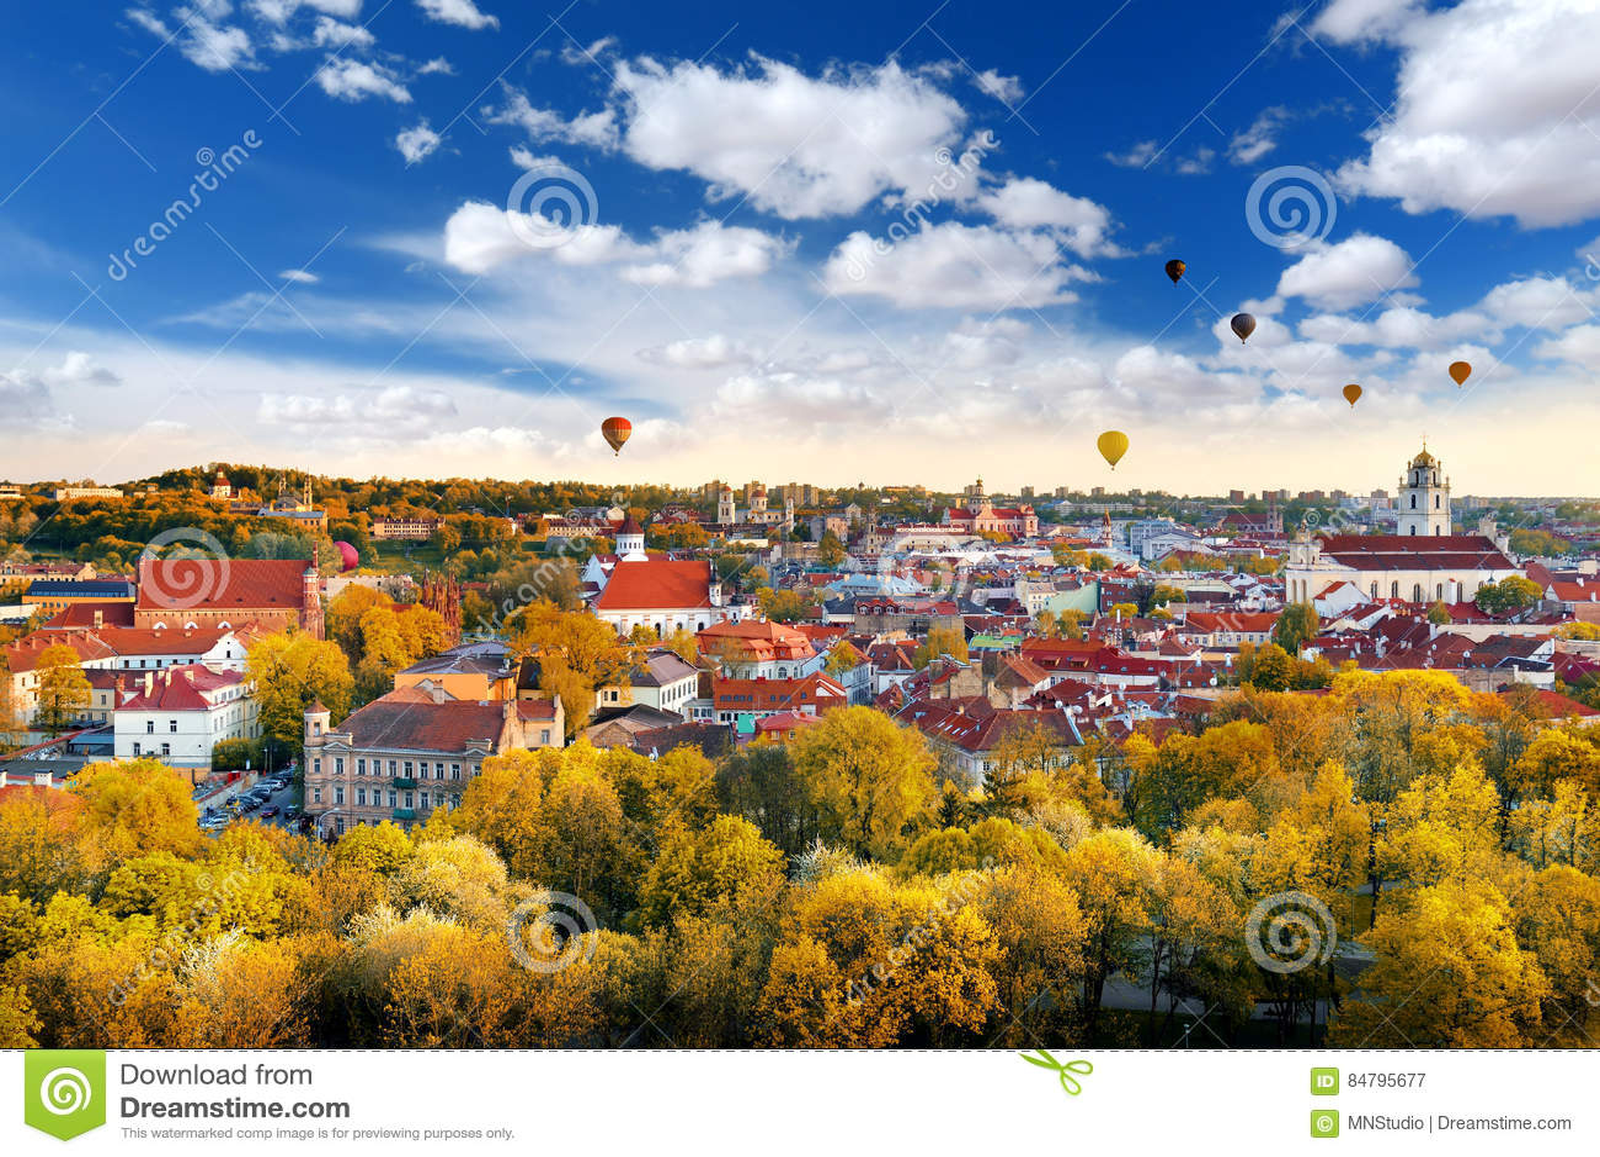 Beau panorama d automne de vieille ville de Vilnius avec les ballons à air chauds colorés dans le ciel